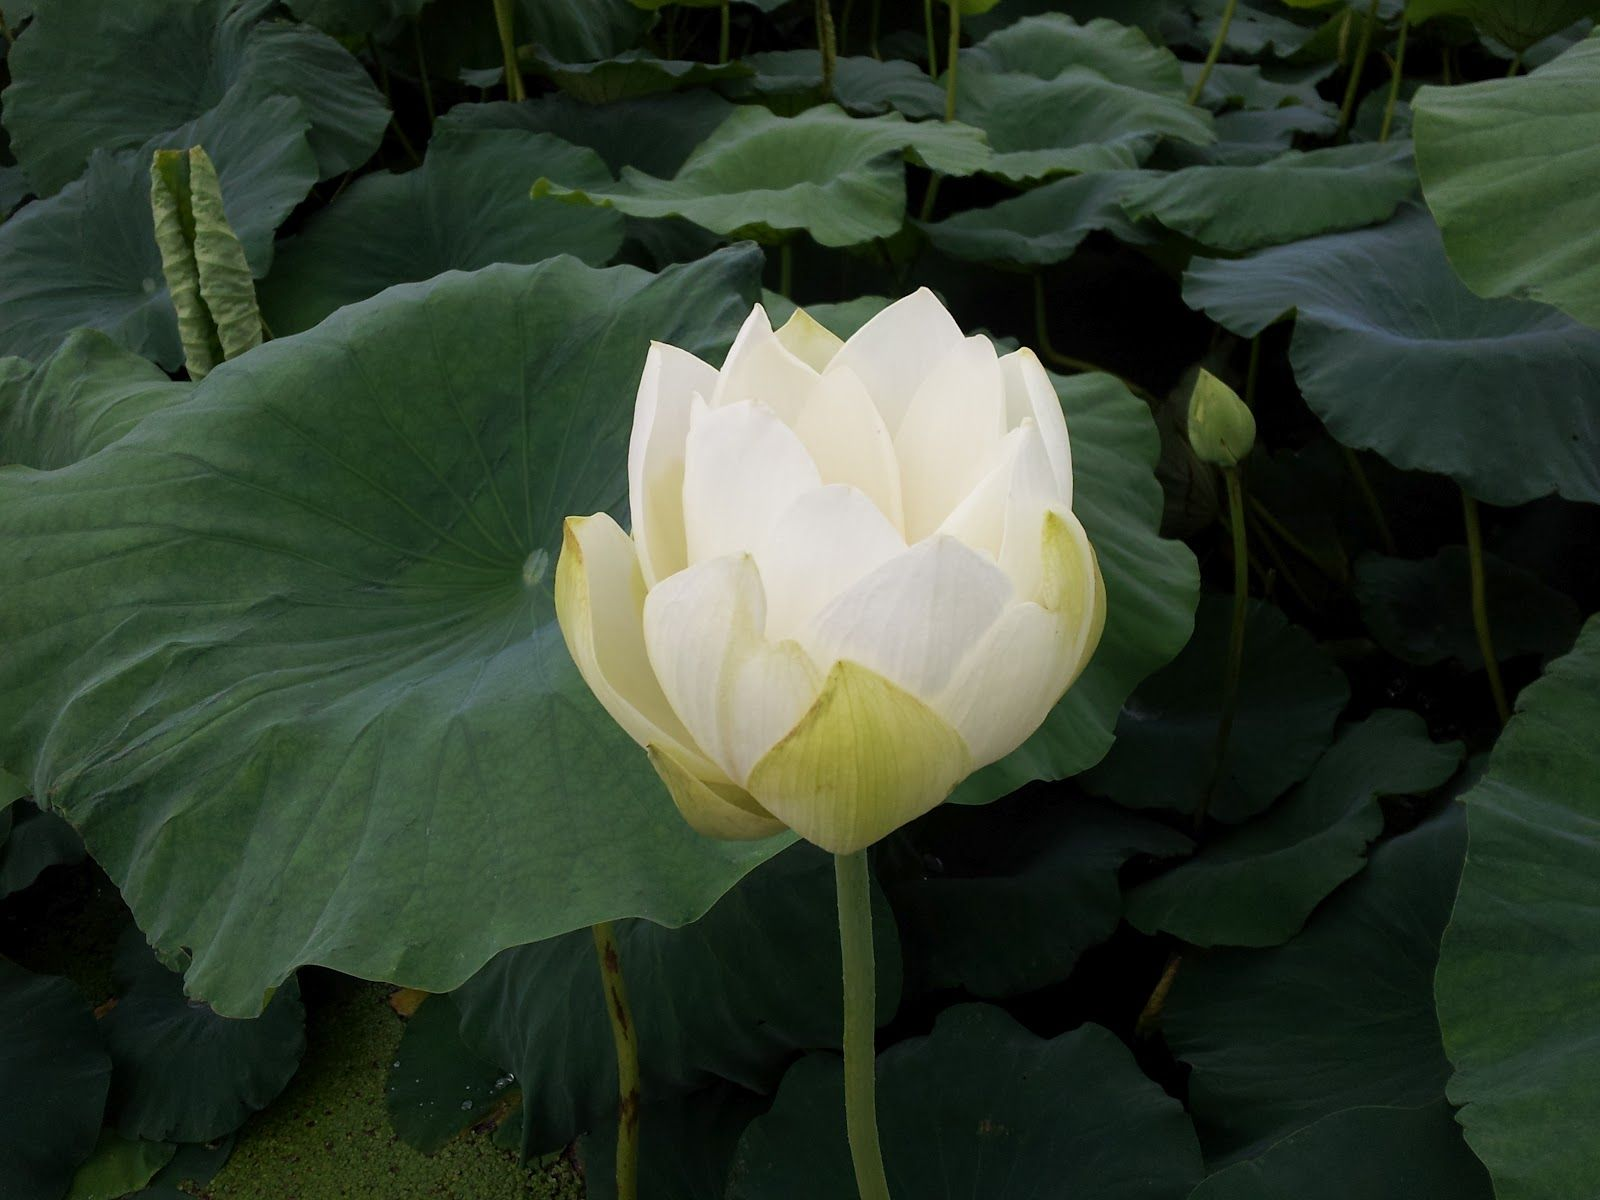 포천부동산 남전: 연꽃을 감상해 보셔요!